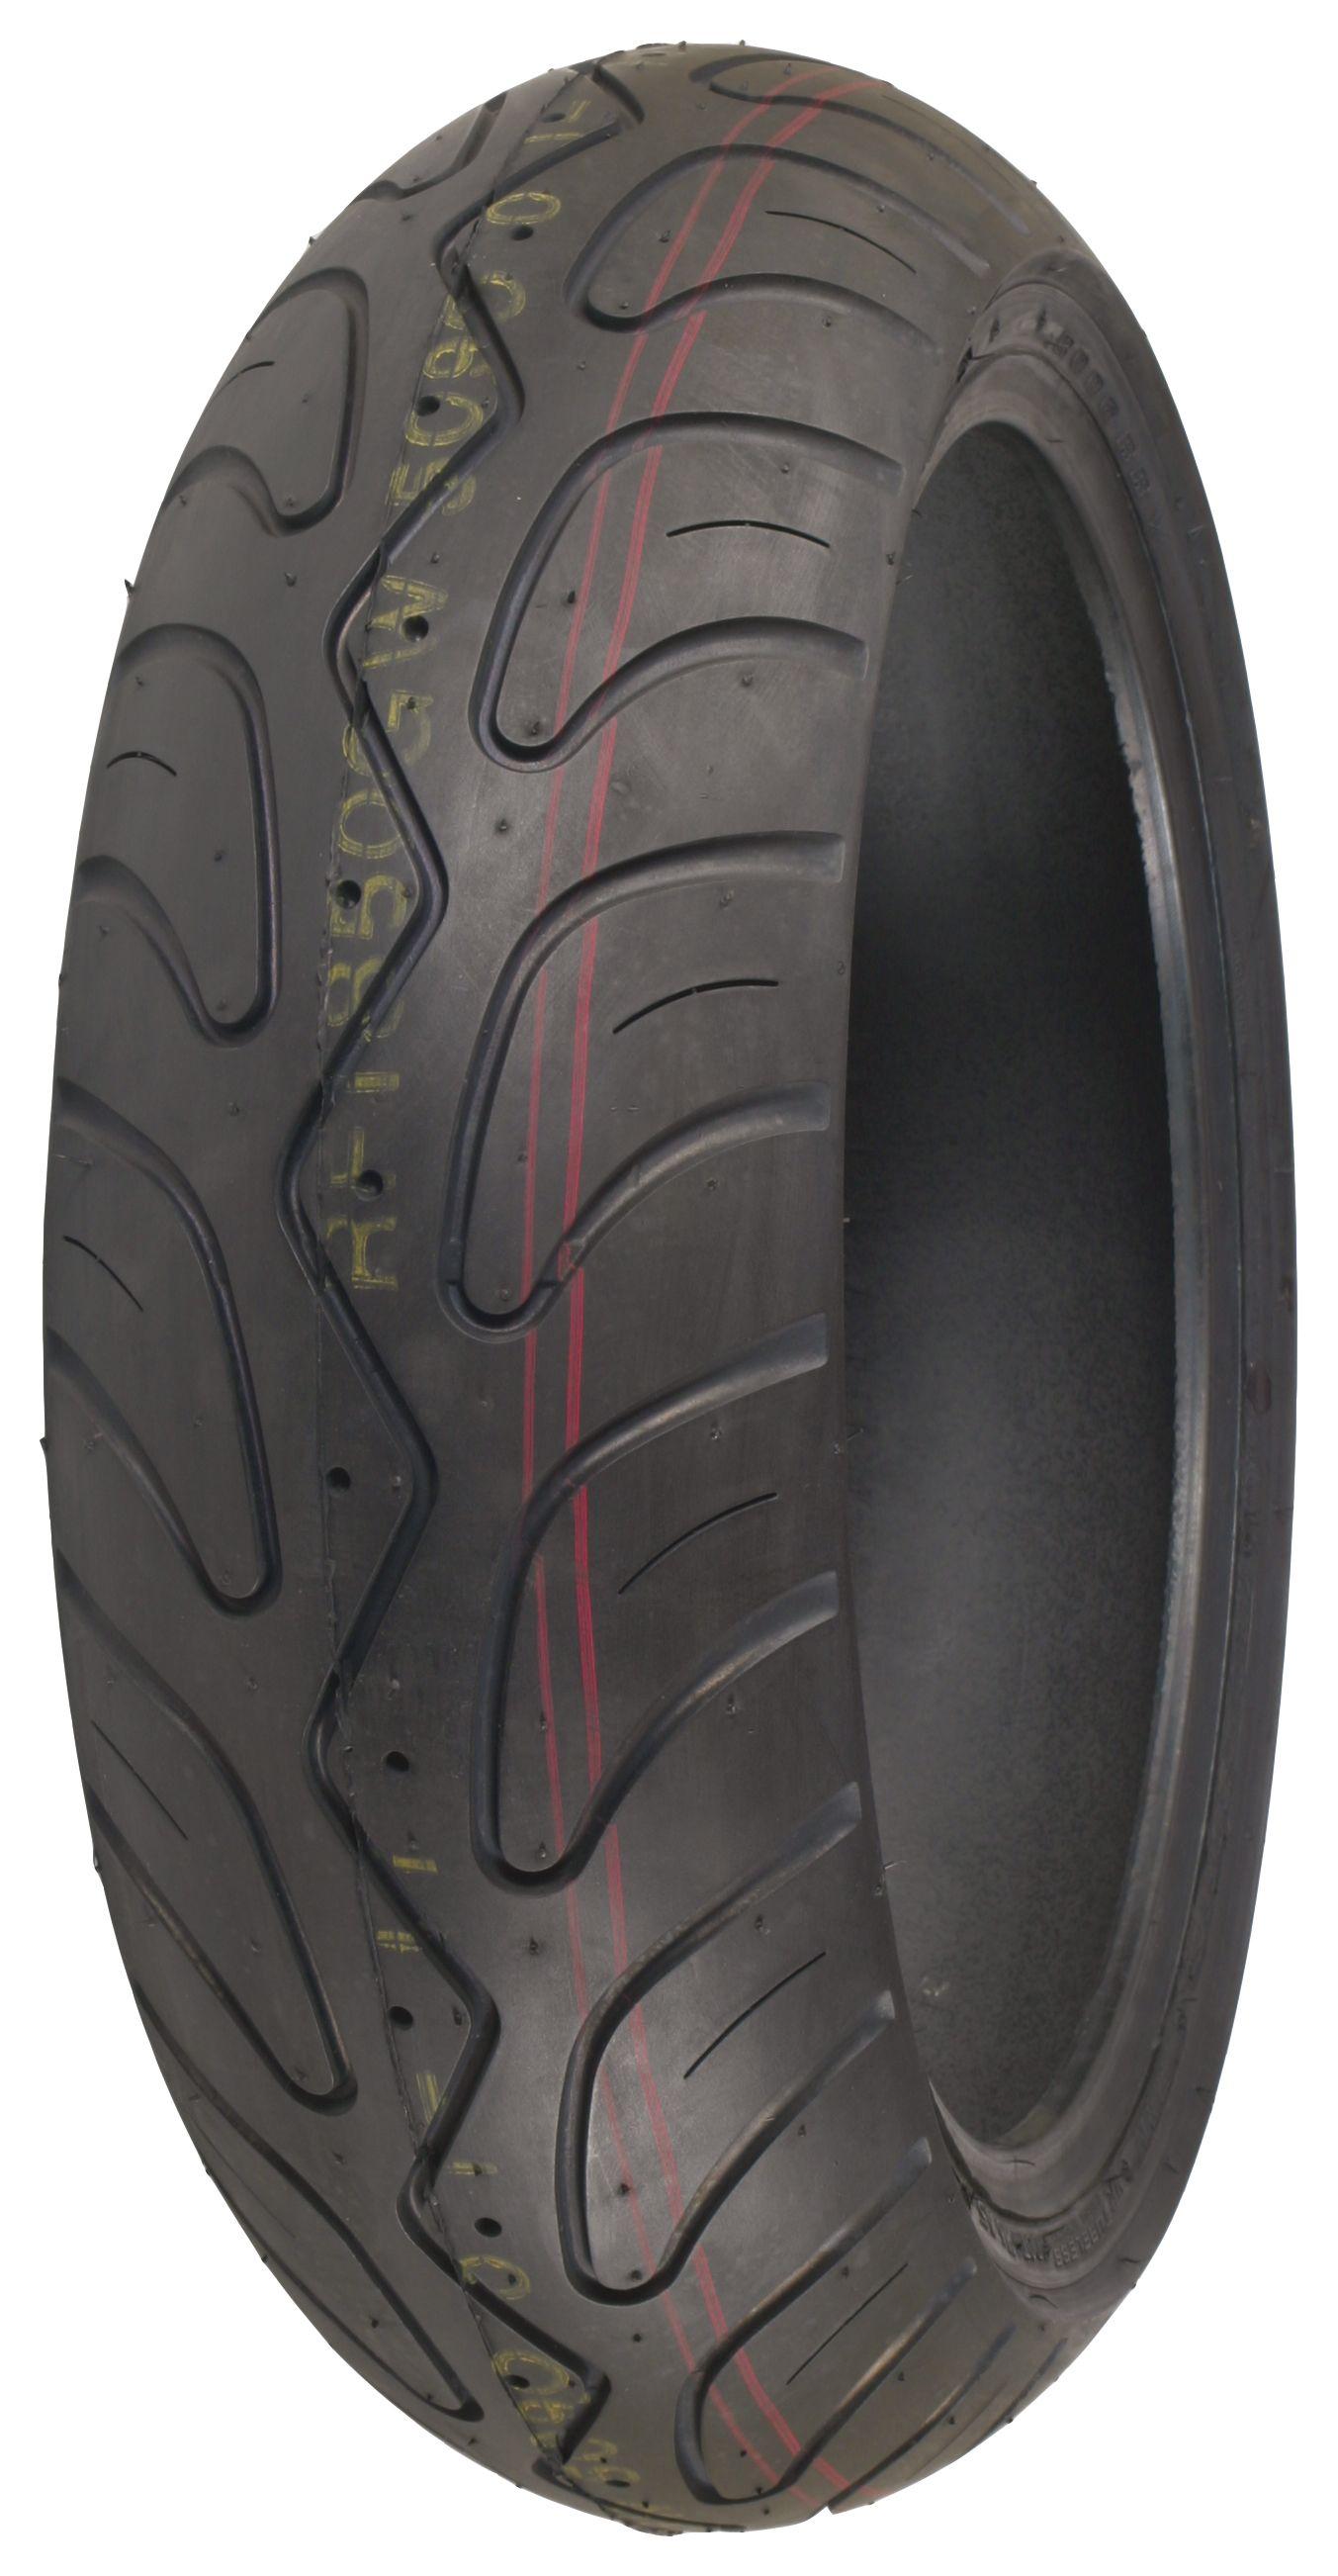 Full Face Cruiser Helmets >> Shinko 006 Podium Rear Tires | 23% ($28.24) Off! - RevZilla